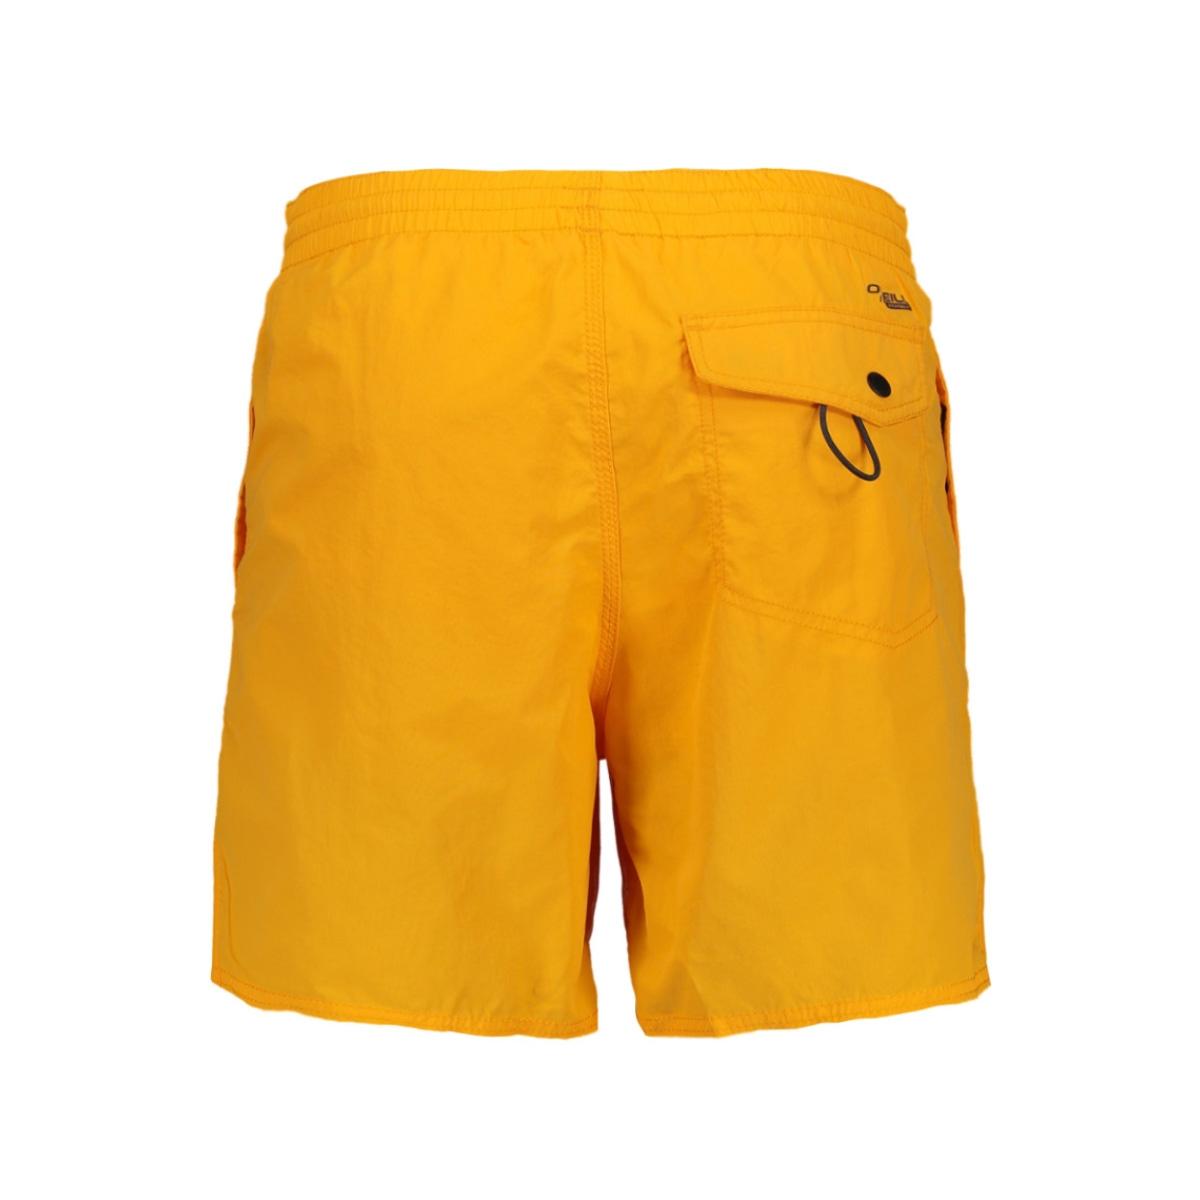 pm vert shorts 0a3240 o`neill korte broek 2012 golden yellow